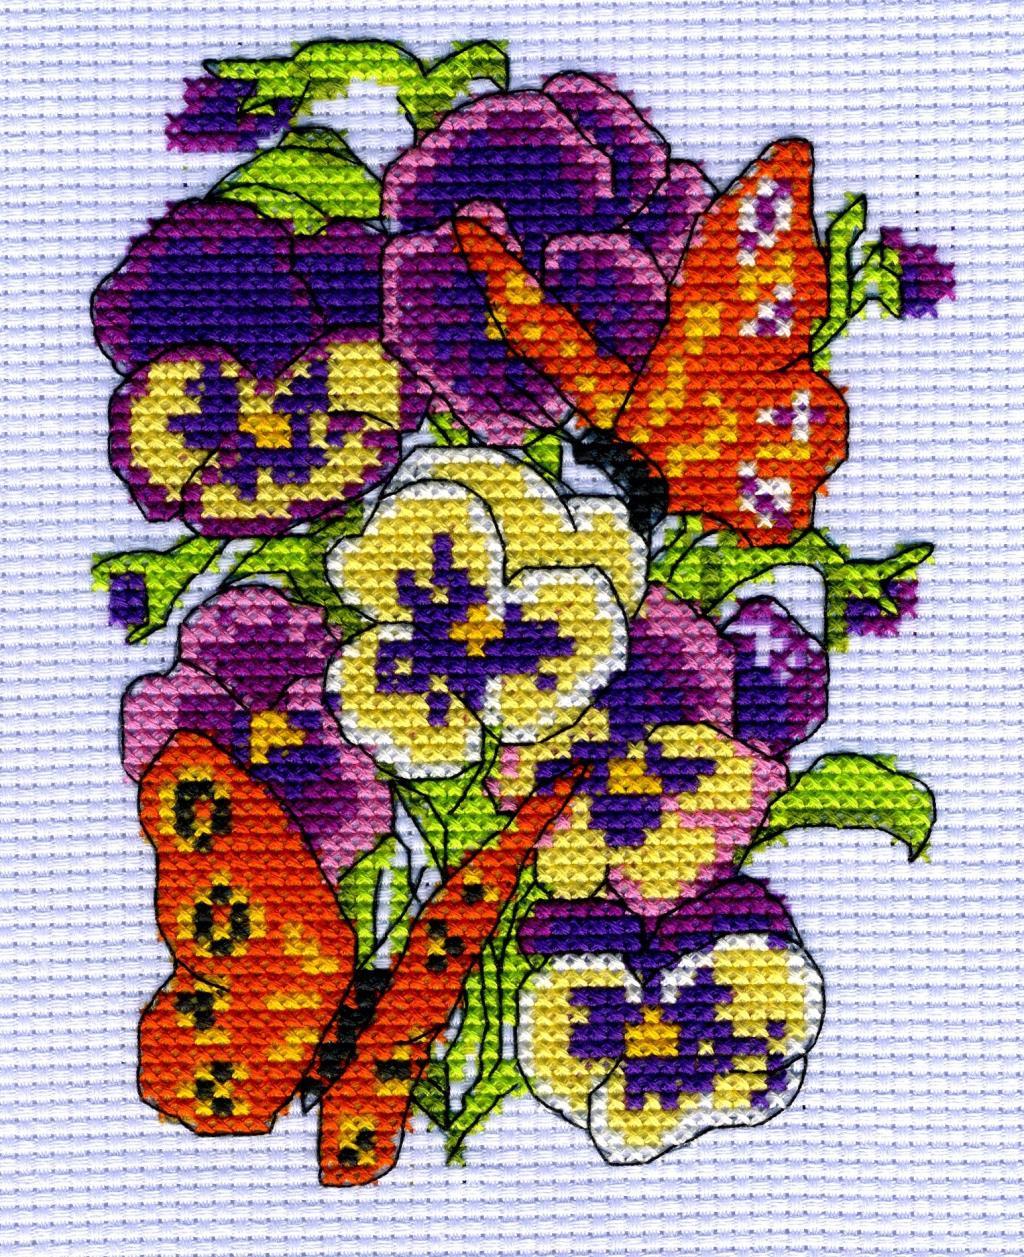 Цветочная зарисовка. Феи,  эльфы, бабочки и др. насекомые